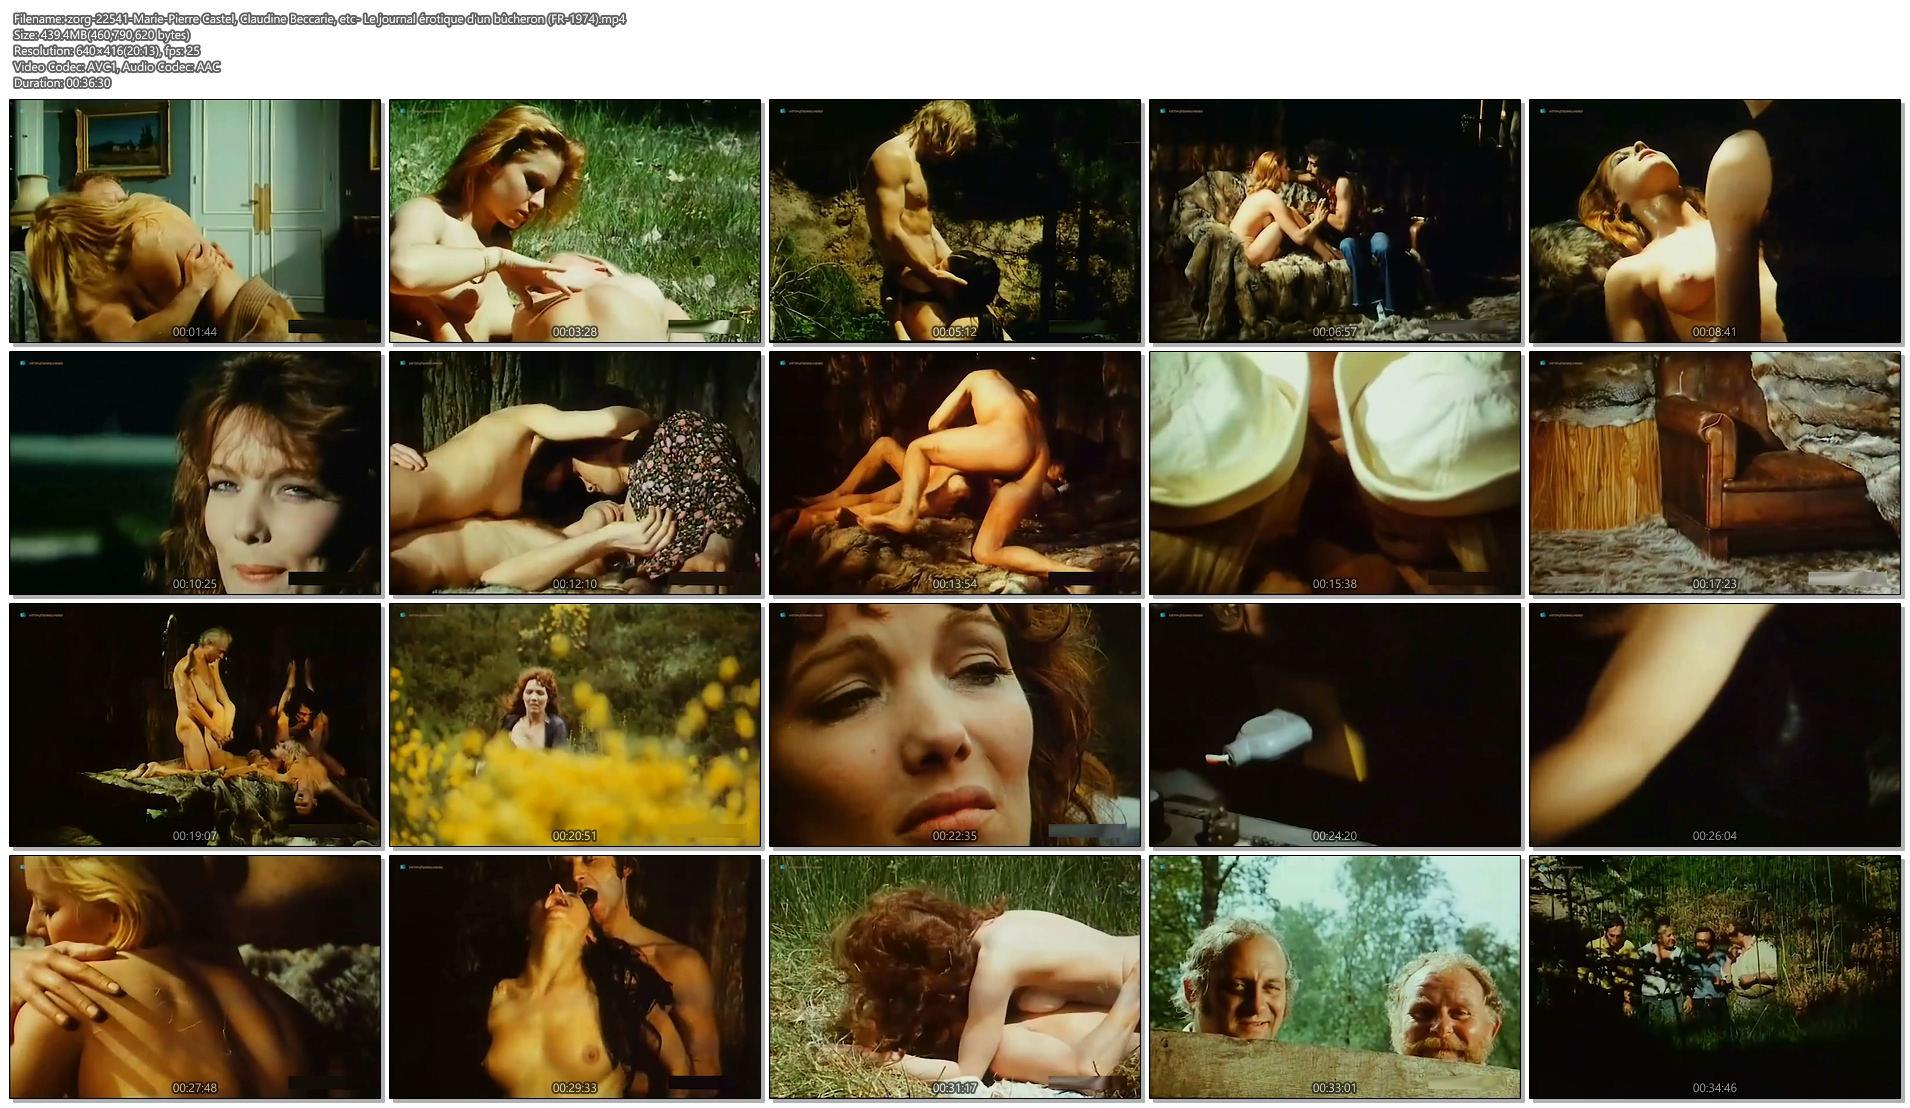 Marie-Pierre Castel nude explicit sex Claudine Beccarie and others nude - Le journal érotique d'un bûcheron (1)